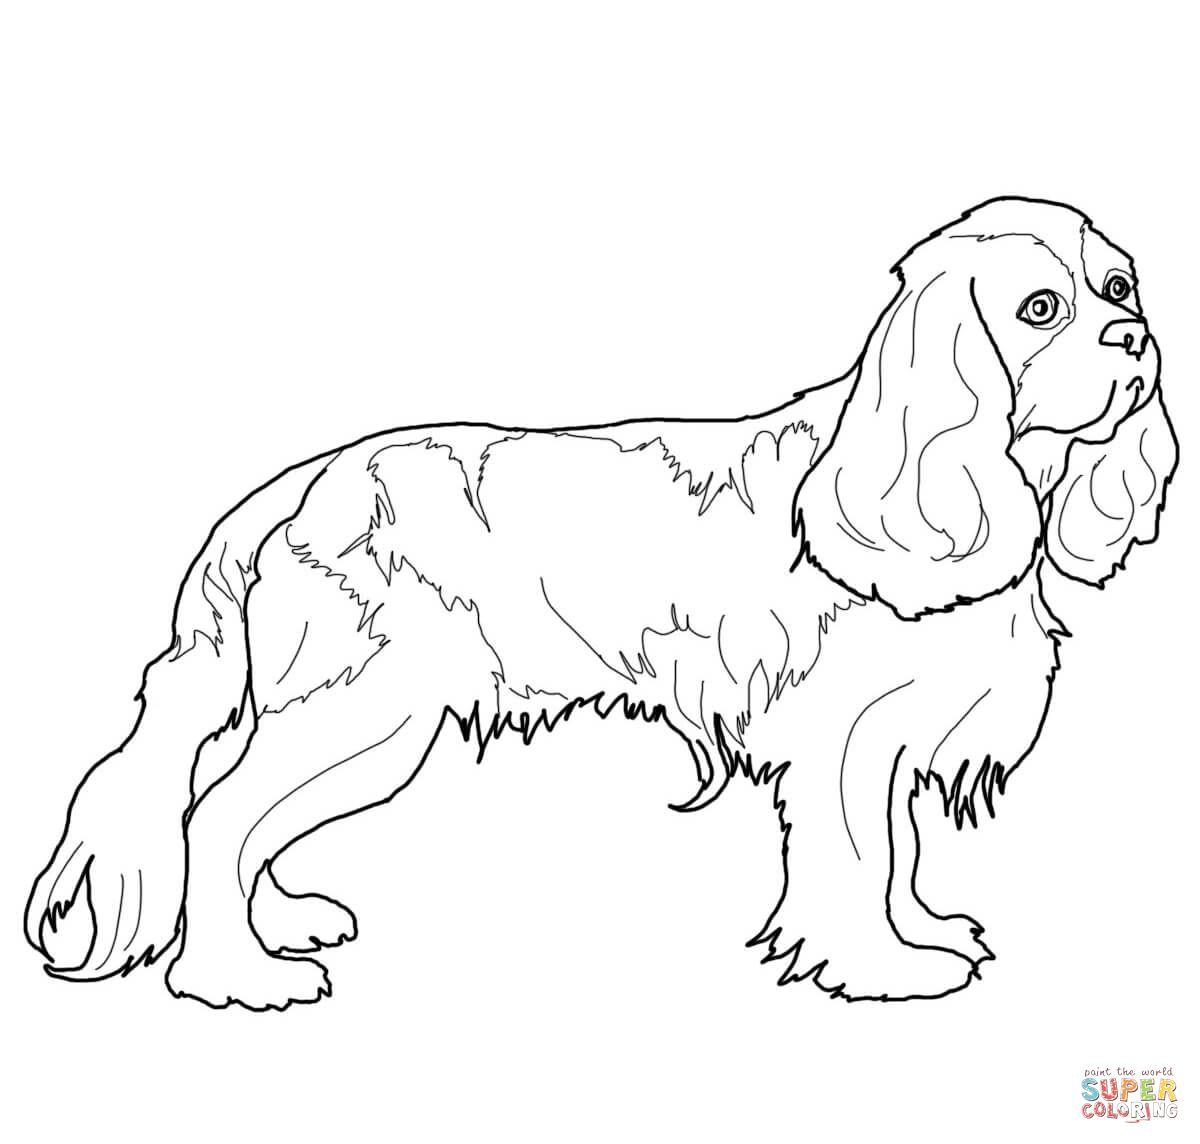 Cavalier King Charles Spaniel Hond Tekeningen Cavalier King Charles Honden